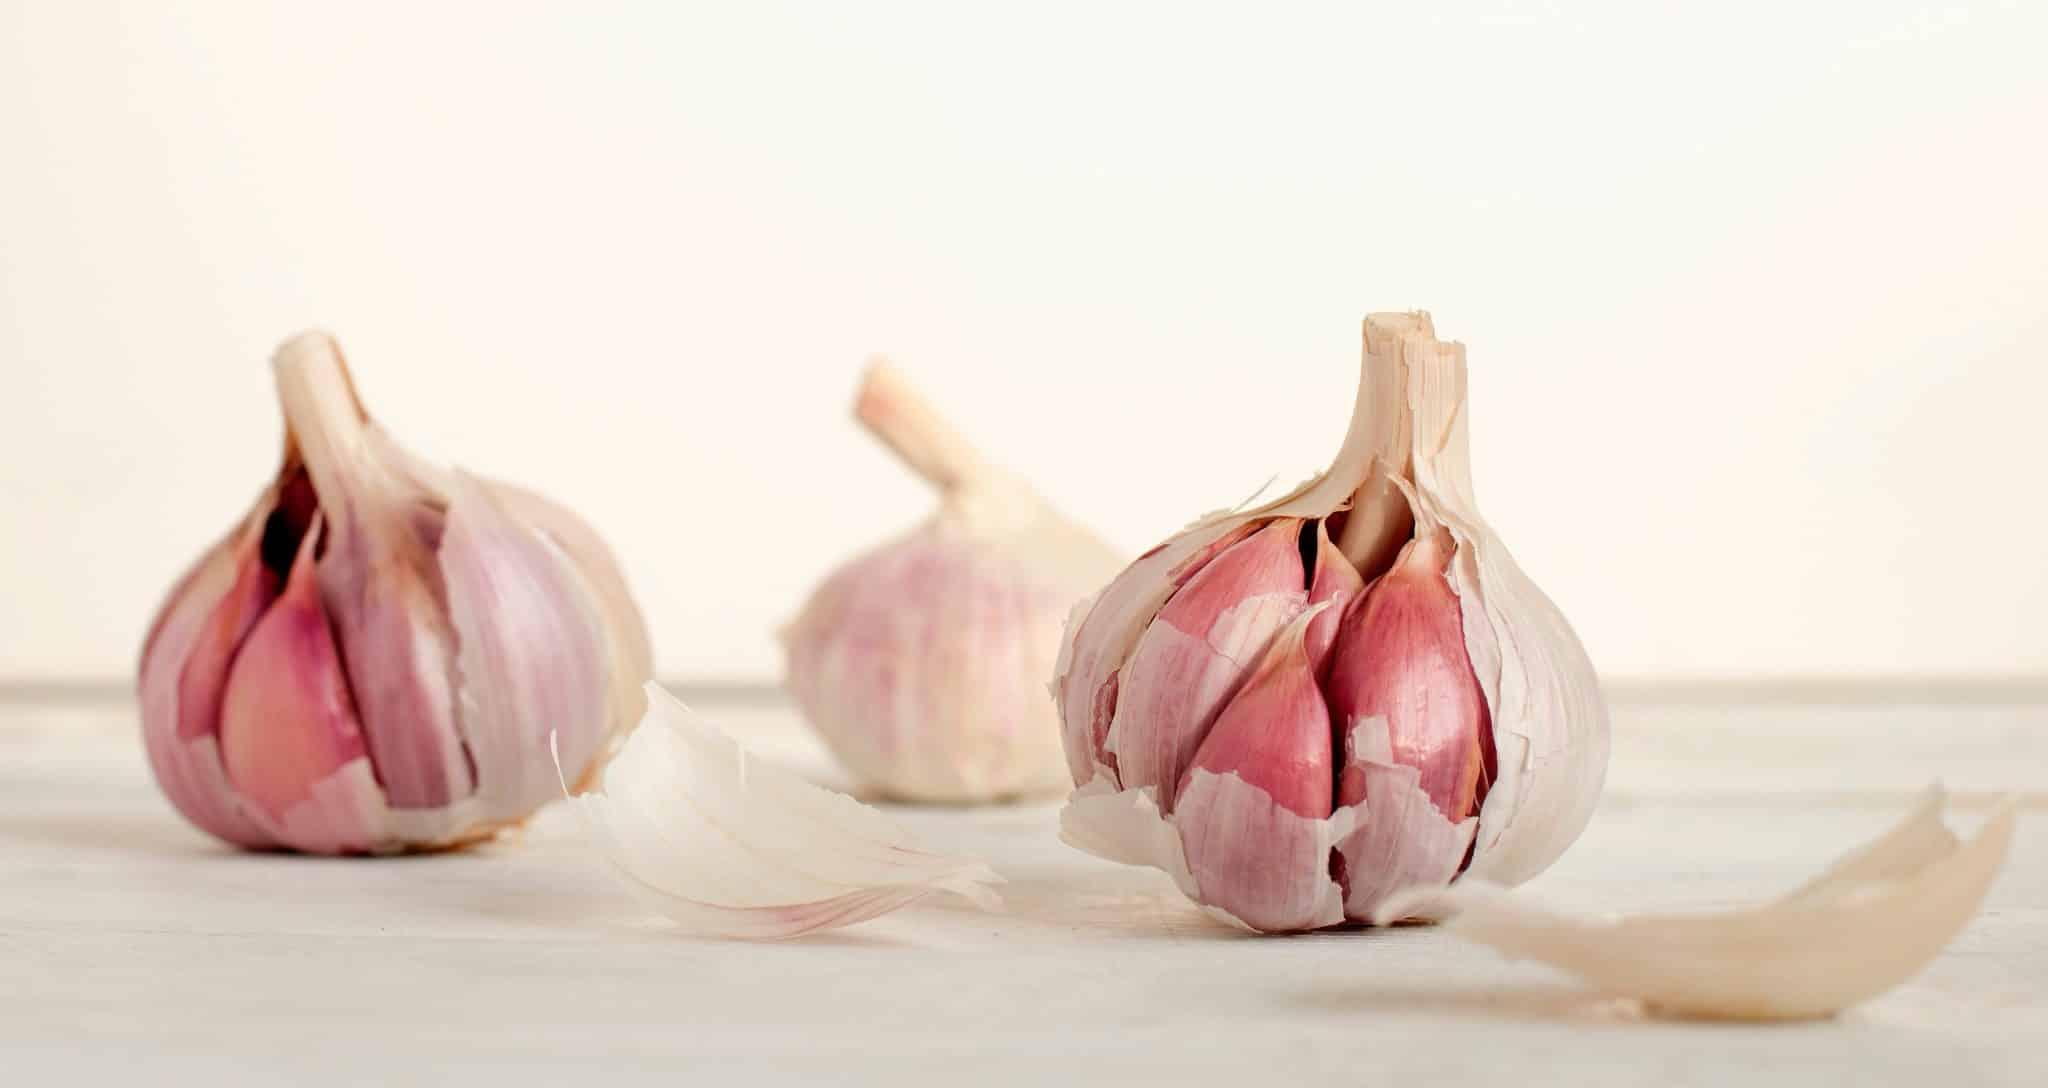 giardia raw garlic hogyan lehet hatékonyan megtisztítani a paraziták testét